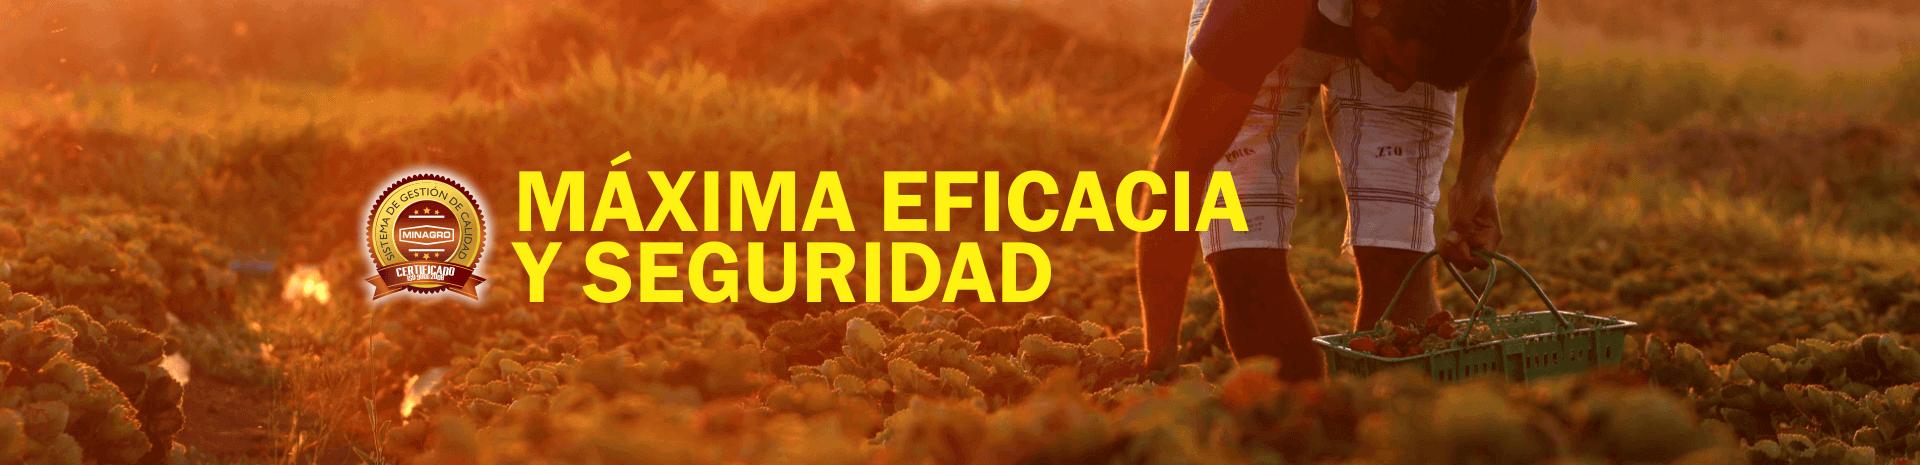 AgroquimicosenColombiaMinagroIndustriaQuimicaPlaguicidasInsecticidad